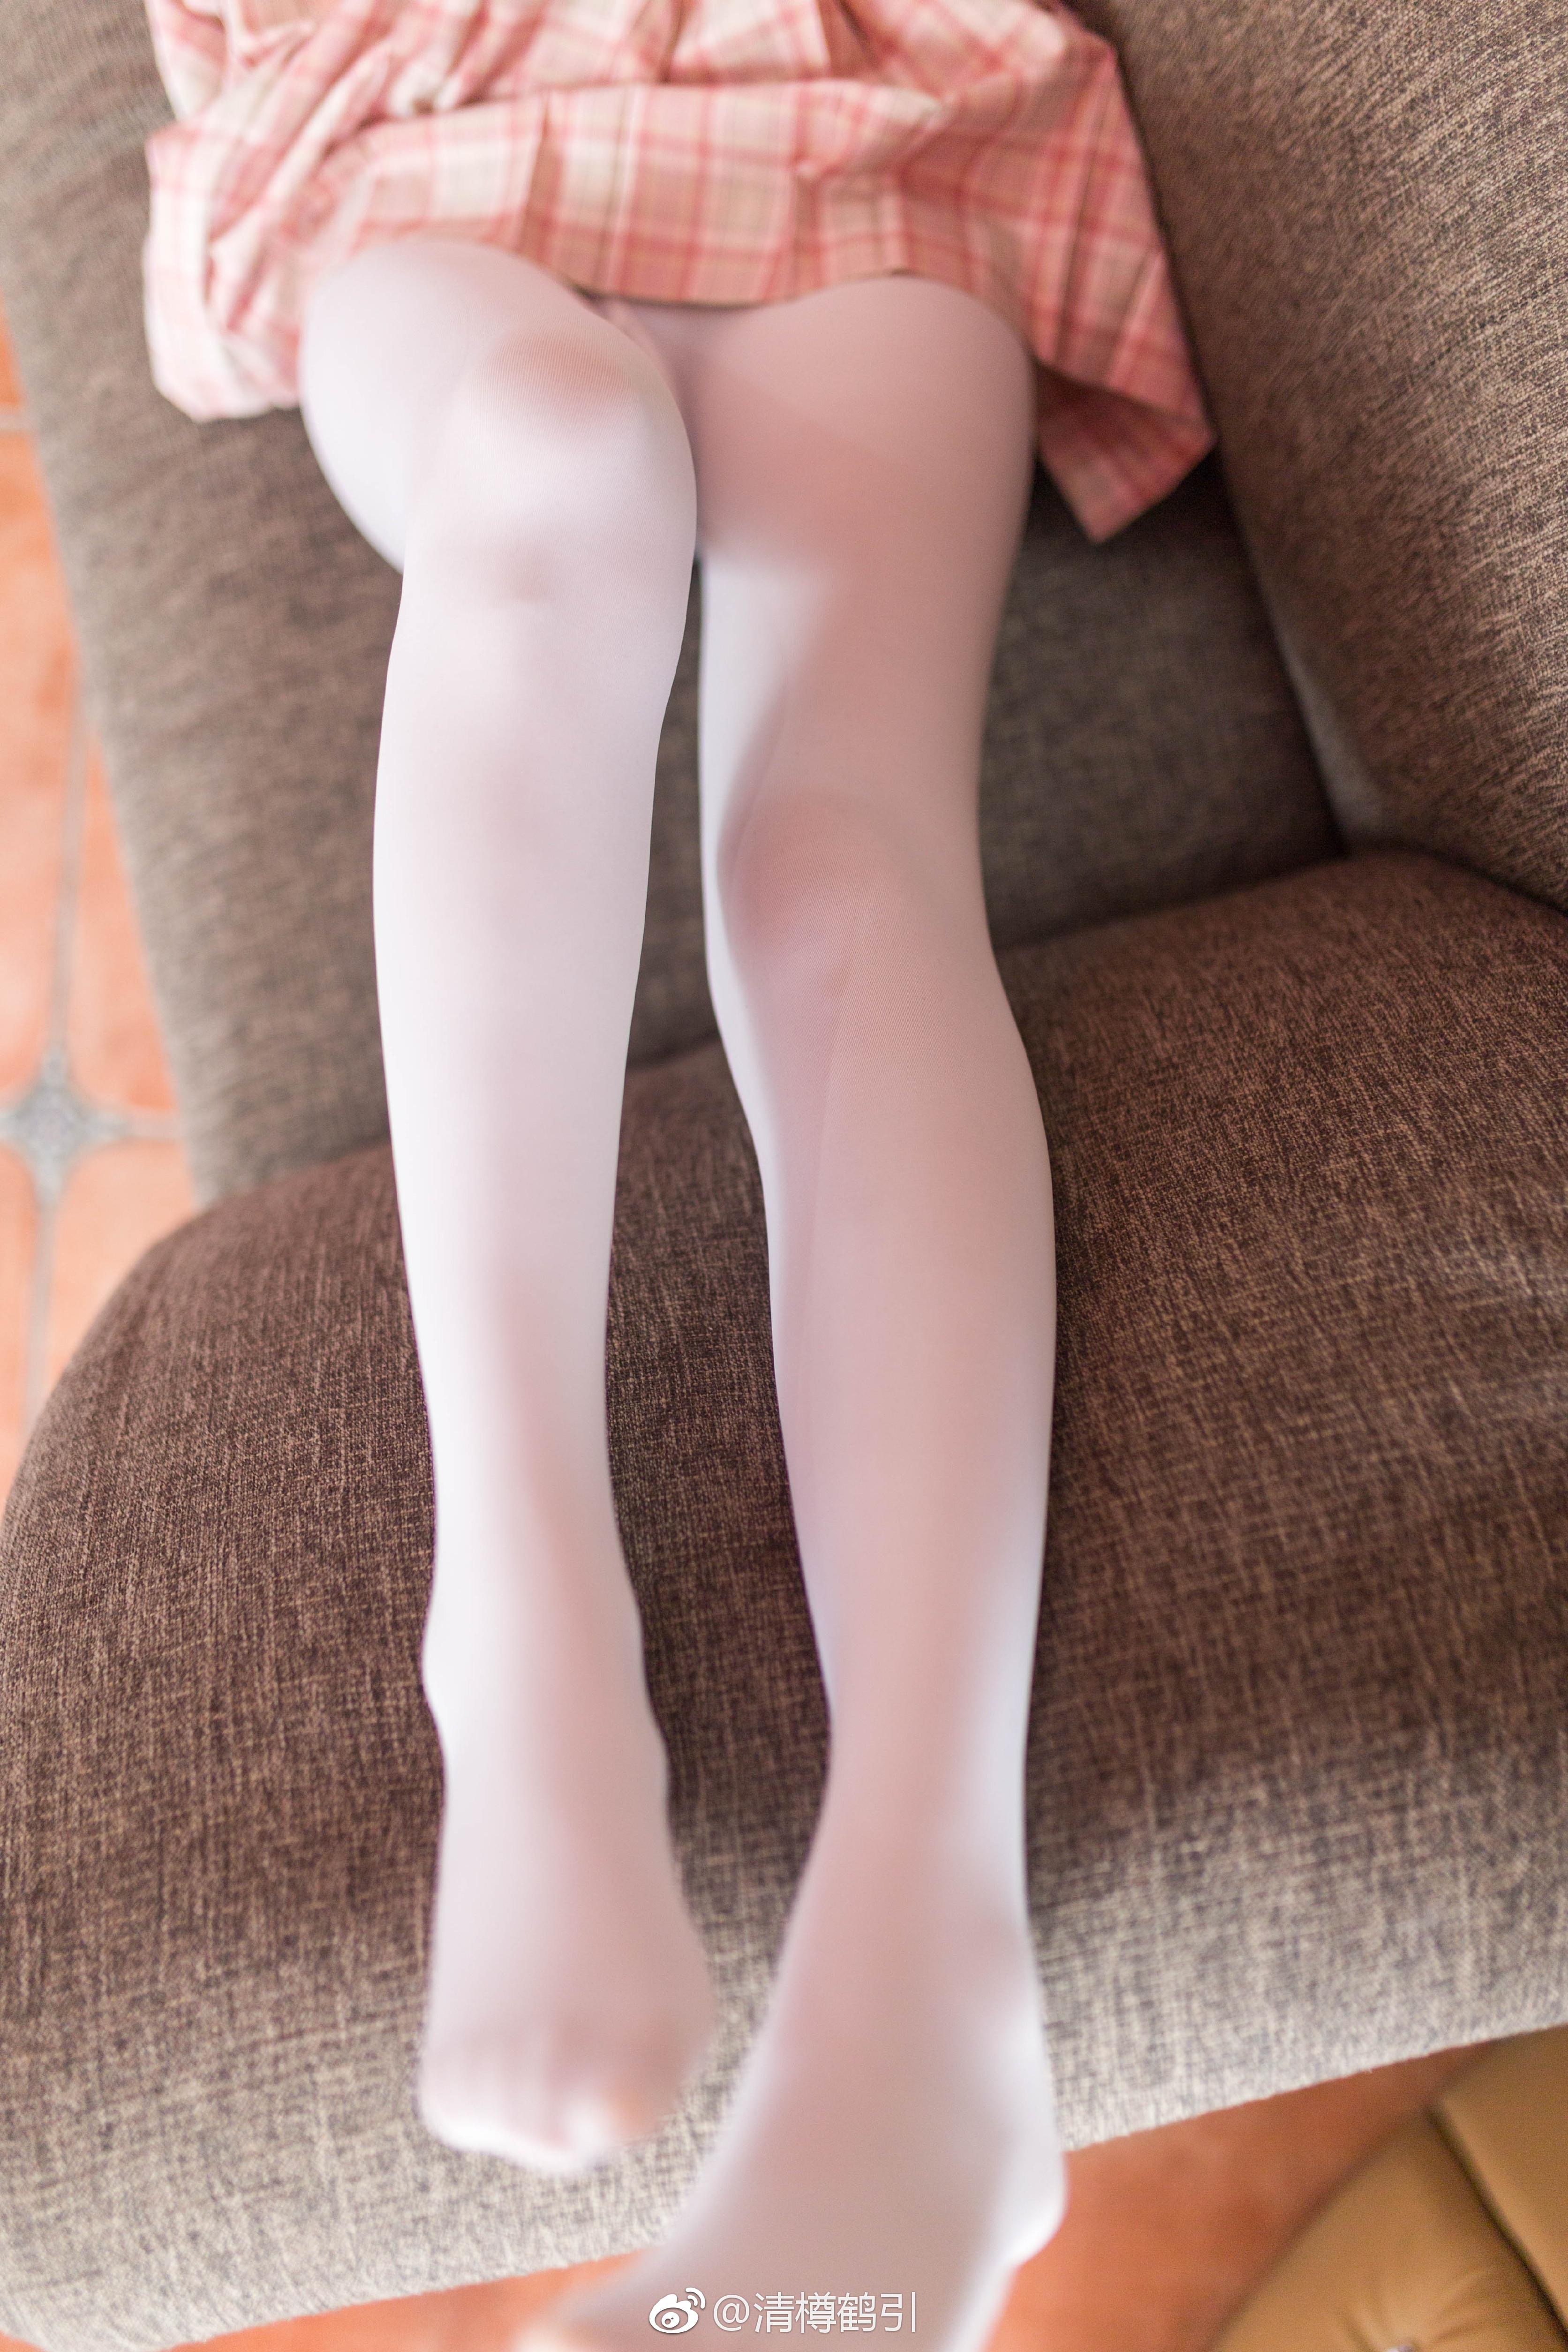 腿控足控福利,JK制服小姐姐的白丝(9P)